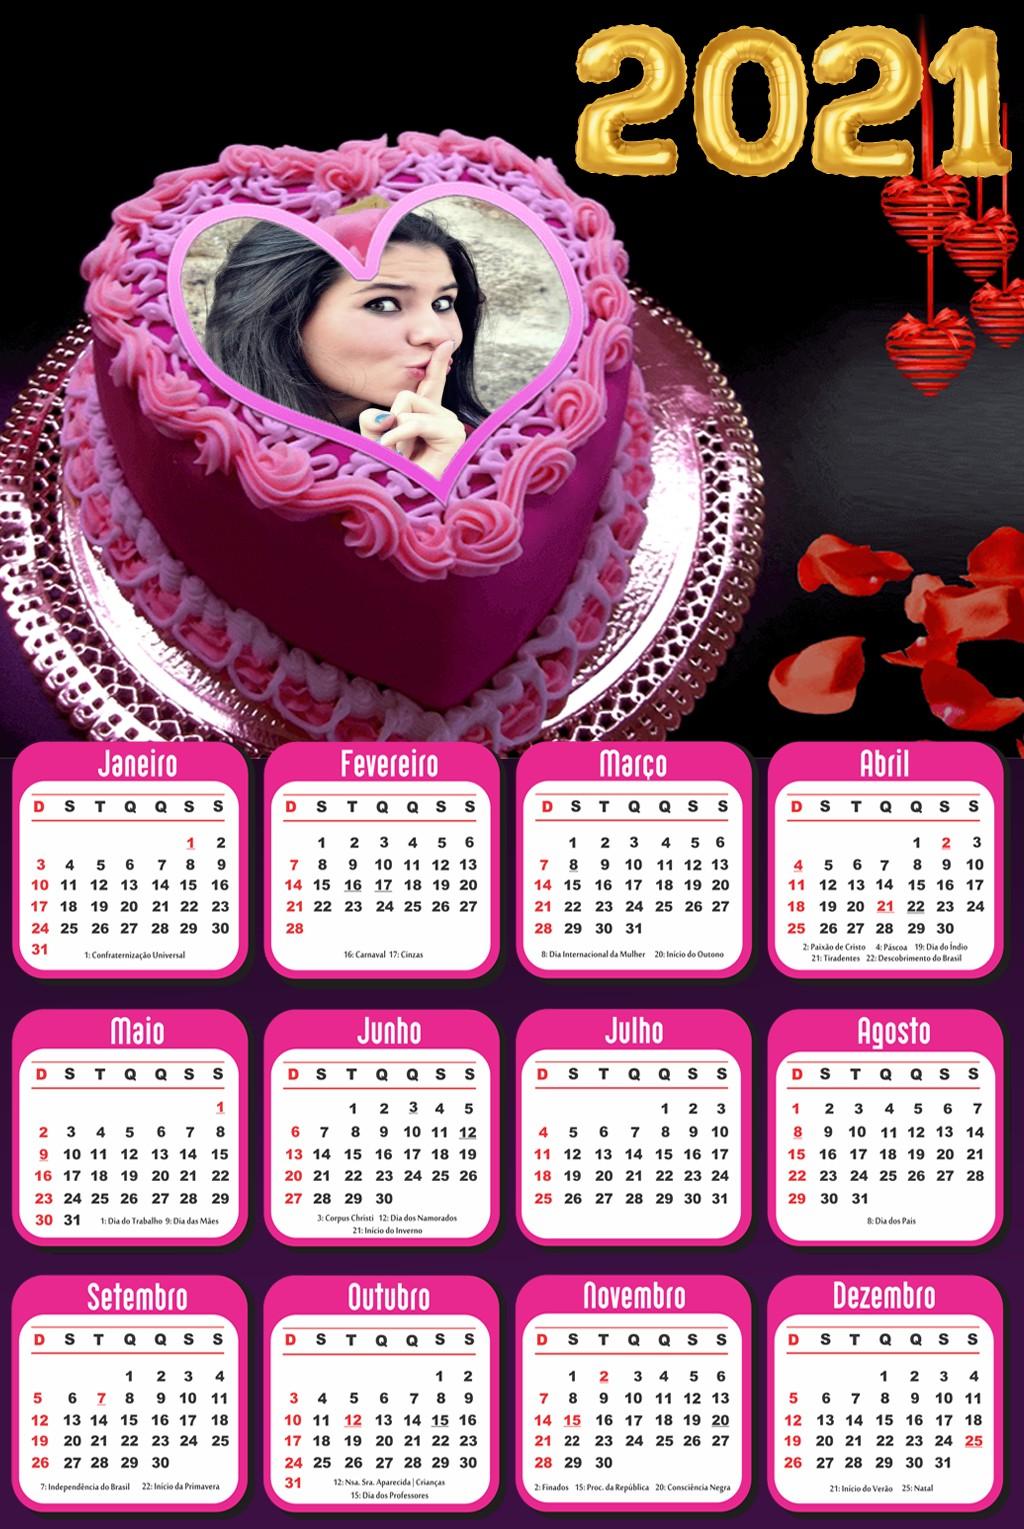 montar-foto-calendario-2021-bolo-de-aniversario